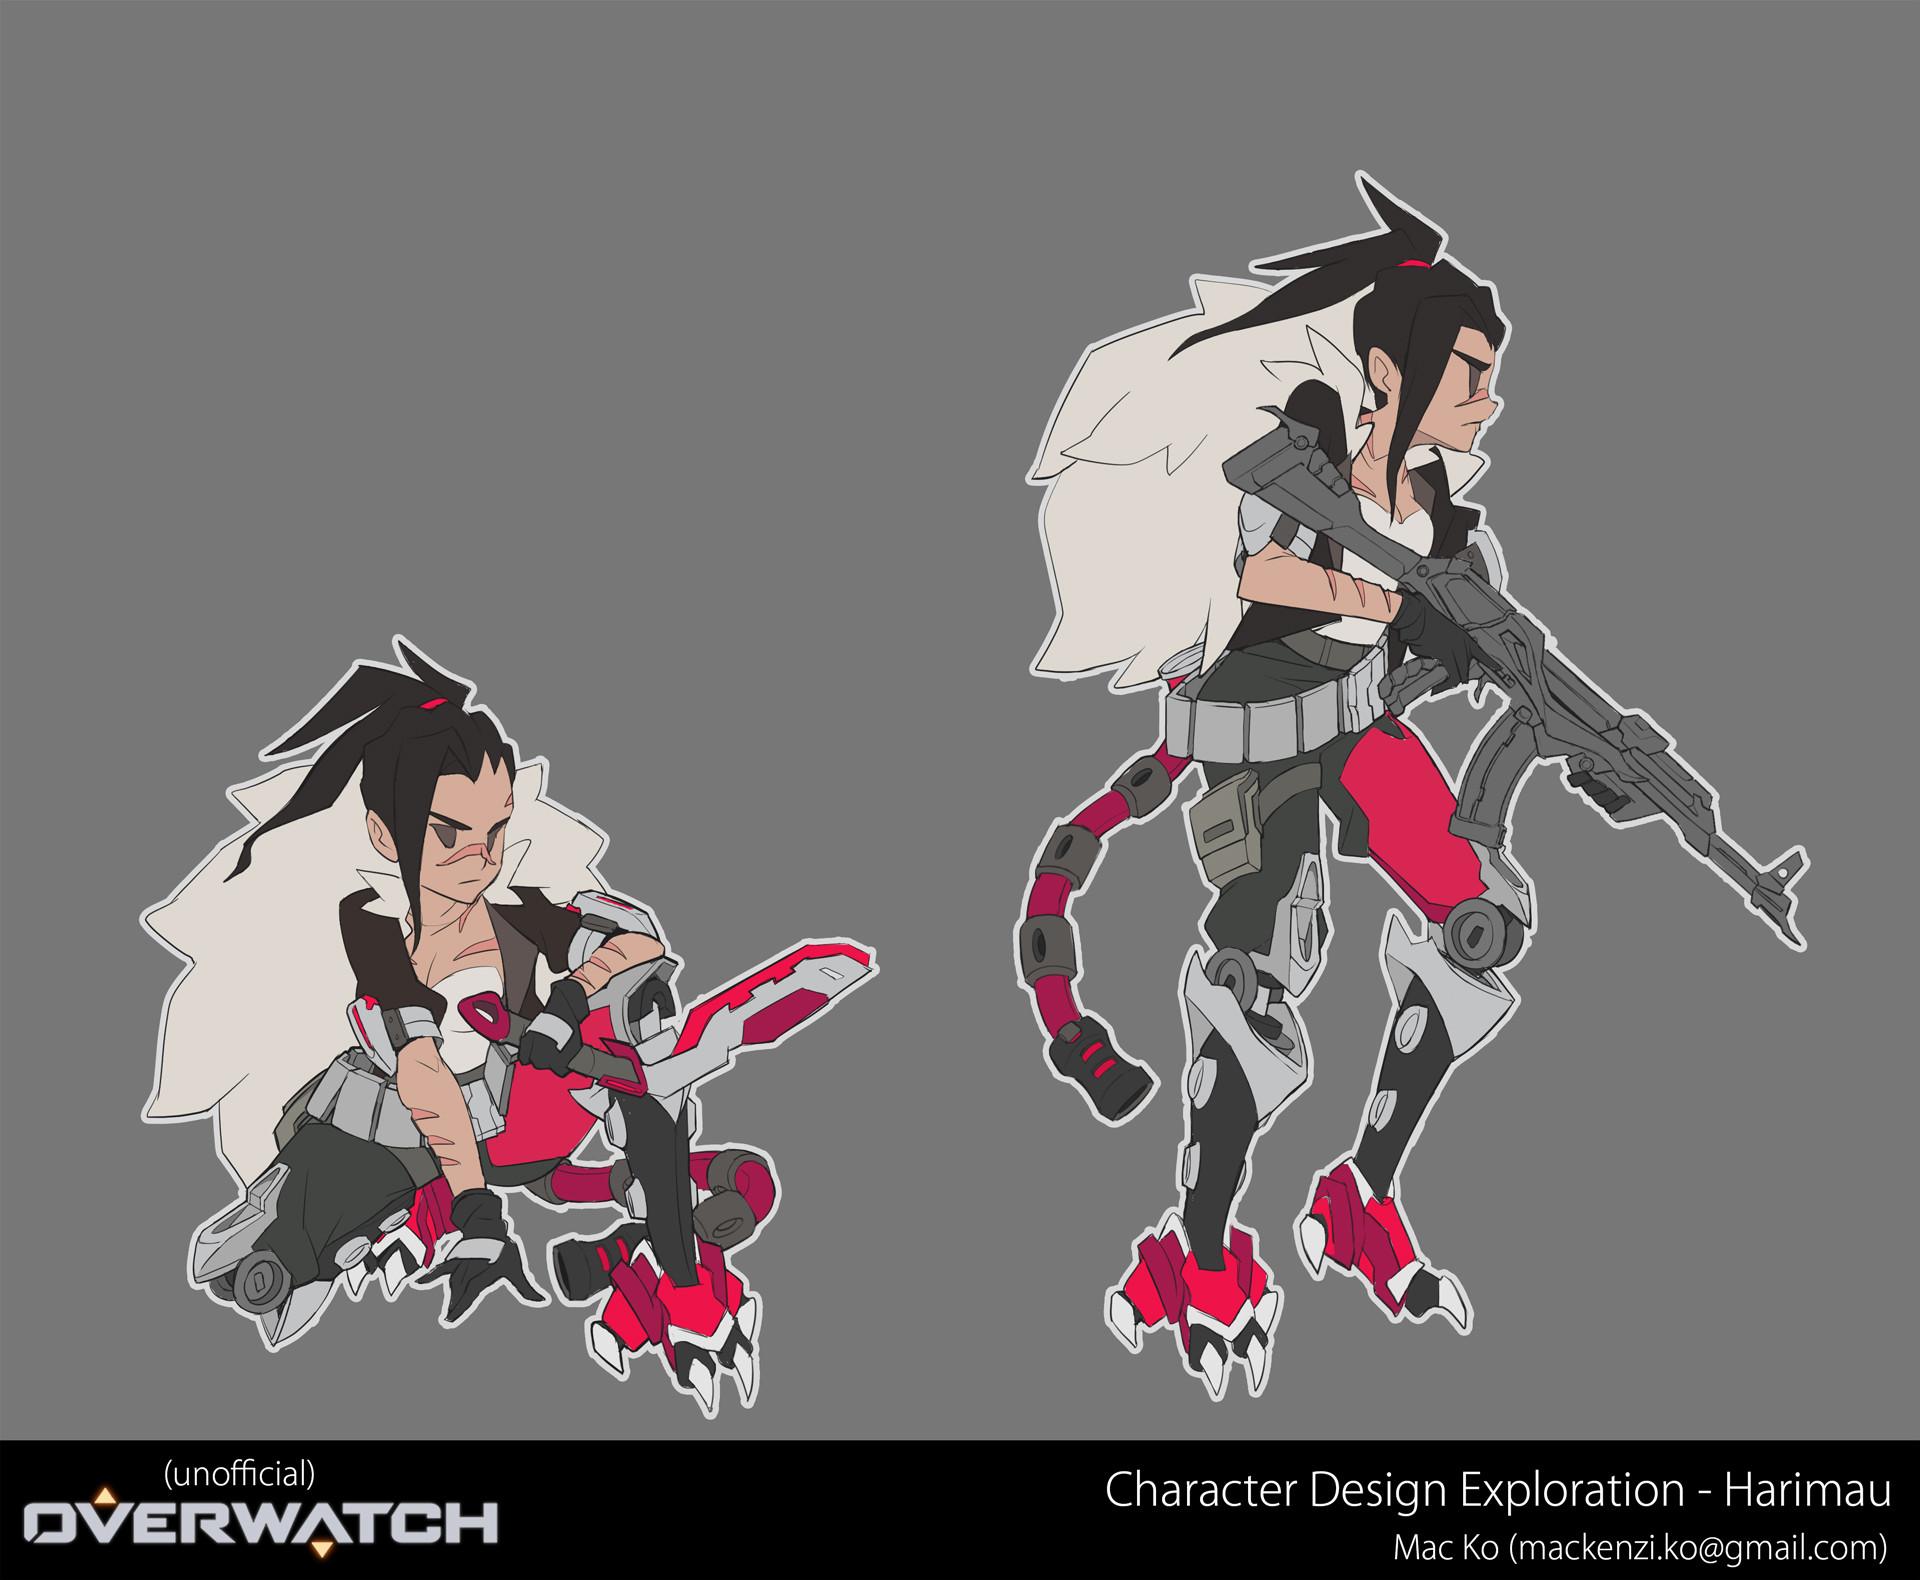 ArtStation Overwatch Original Character Concept